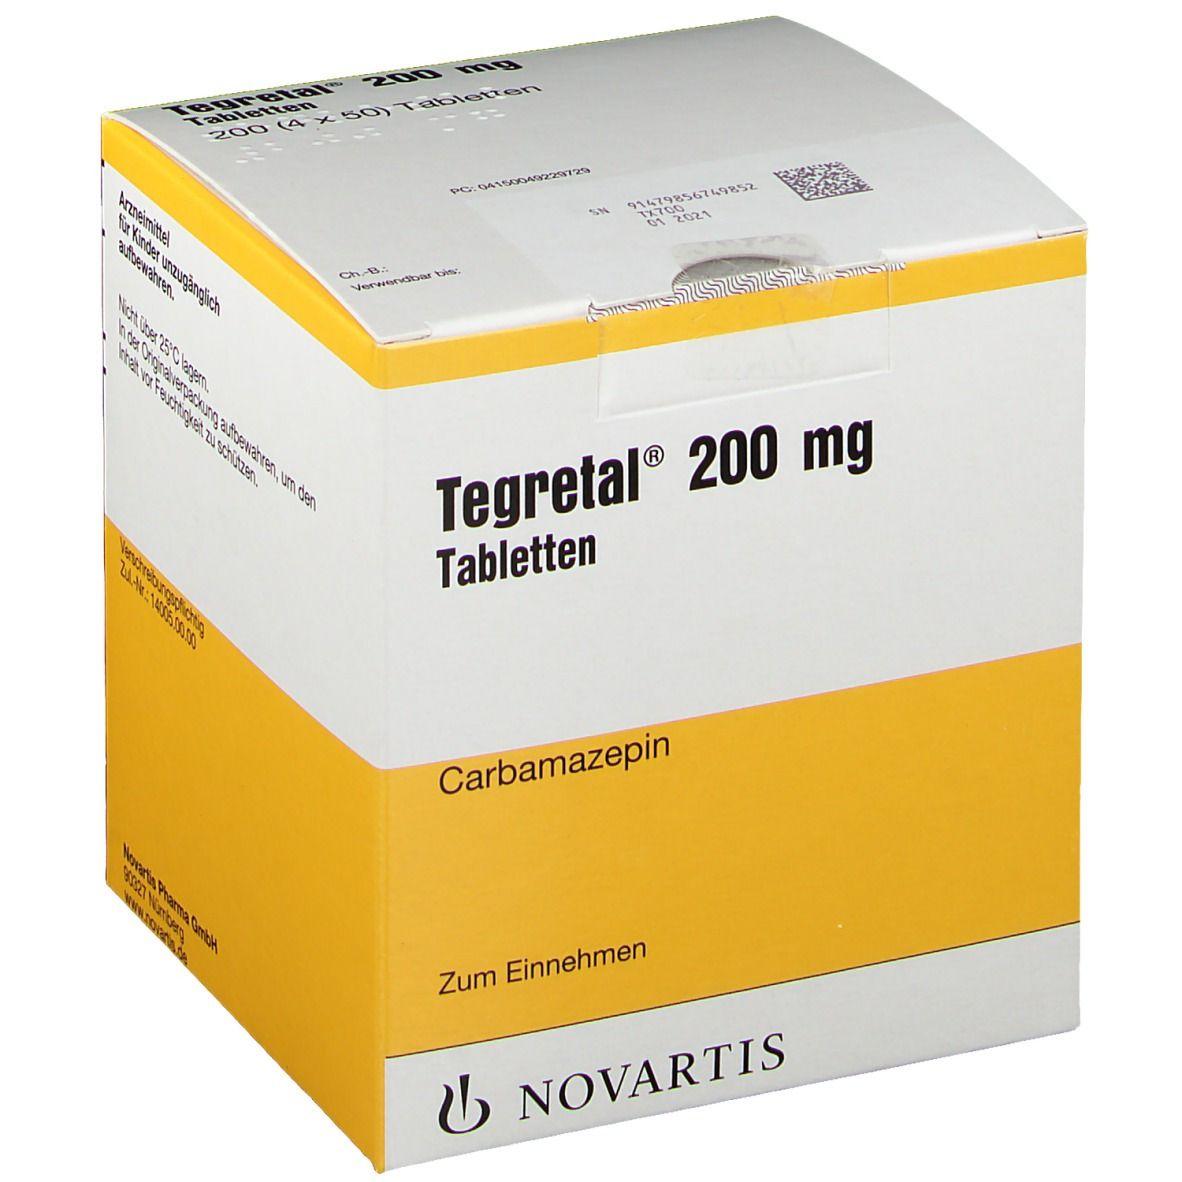 Tegretal® 200 mg 4X50 St - shop-apotheke.com